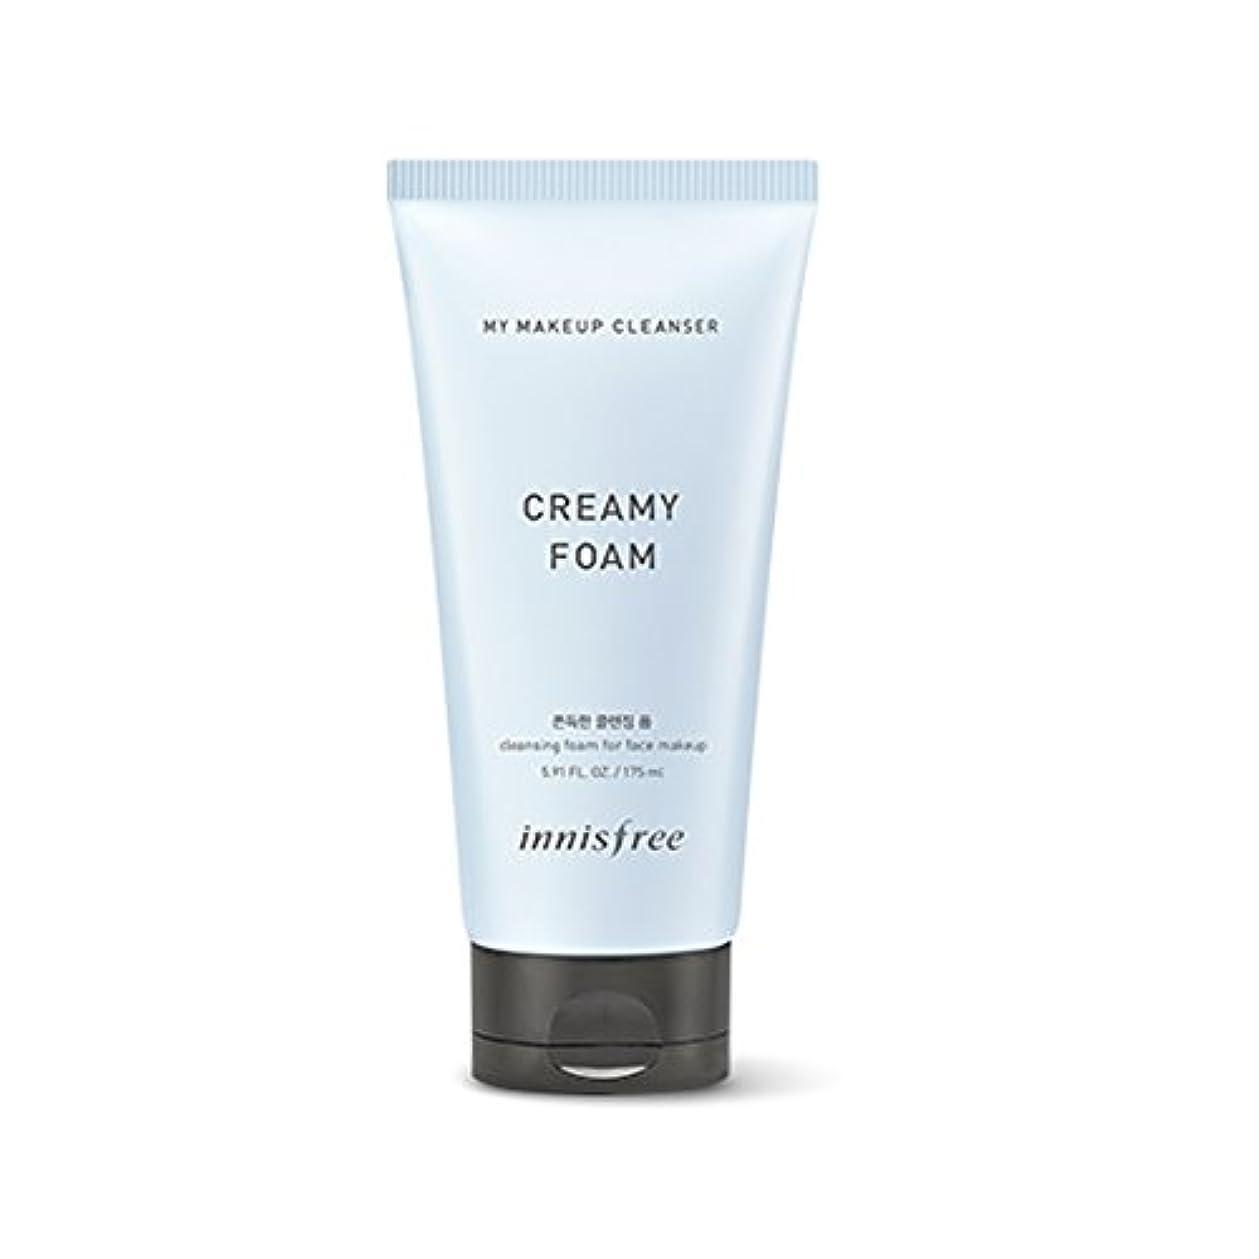 ラリーベルモント体細胞献身イニスフリーマイメイクアップクレンザー - クリームフォーム175ml Innisfree My Makeup Cleanser - Creamy Form 175ml [海外直送品][並行輸入品]